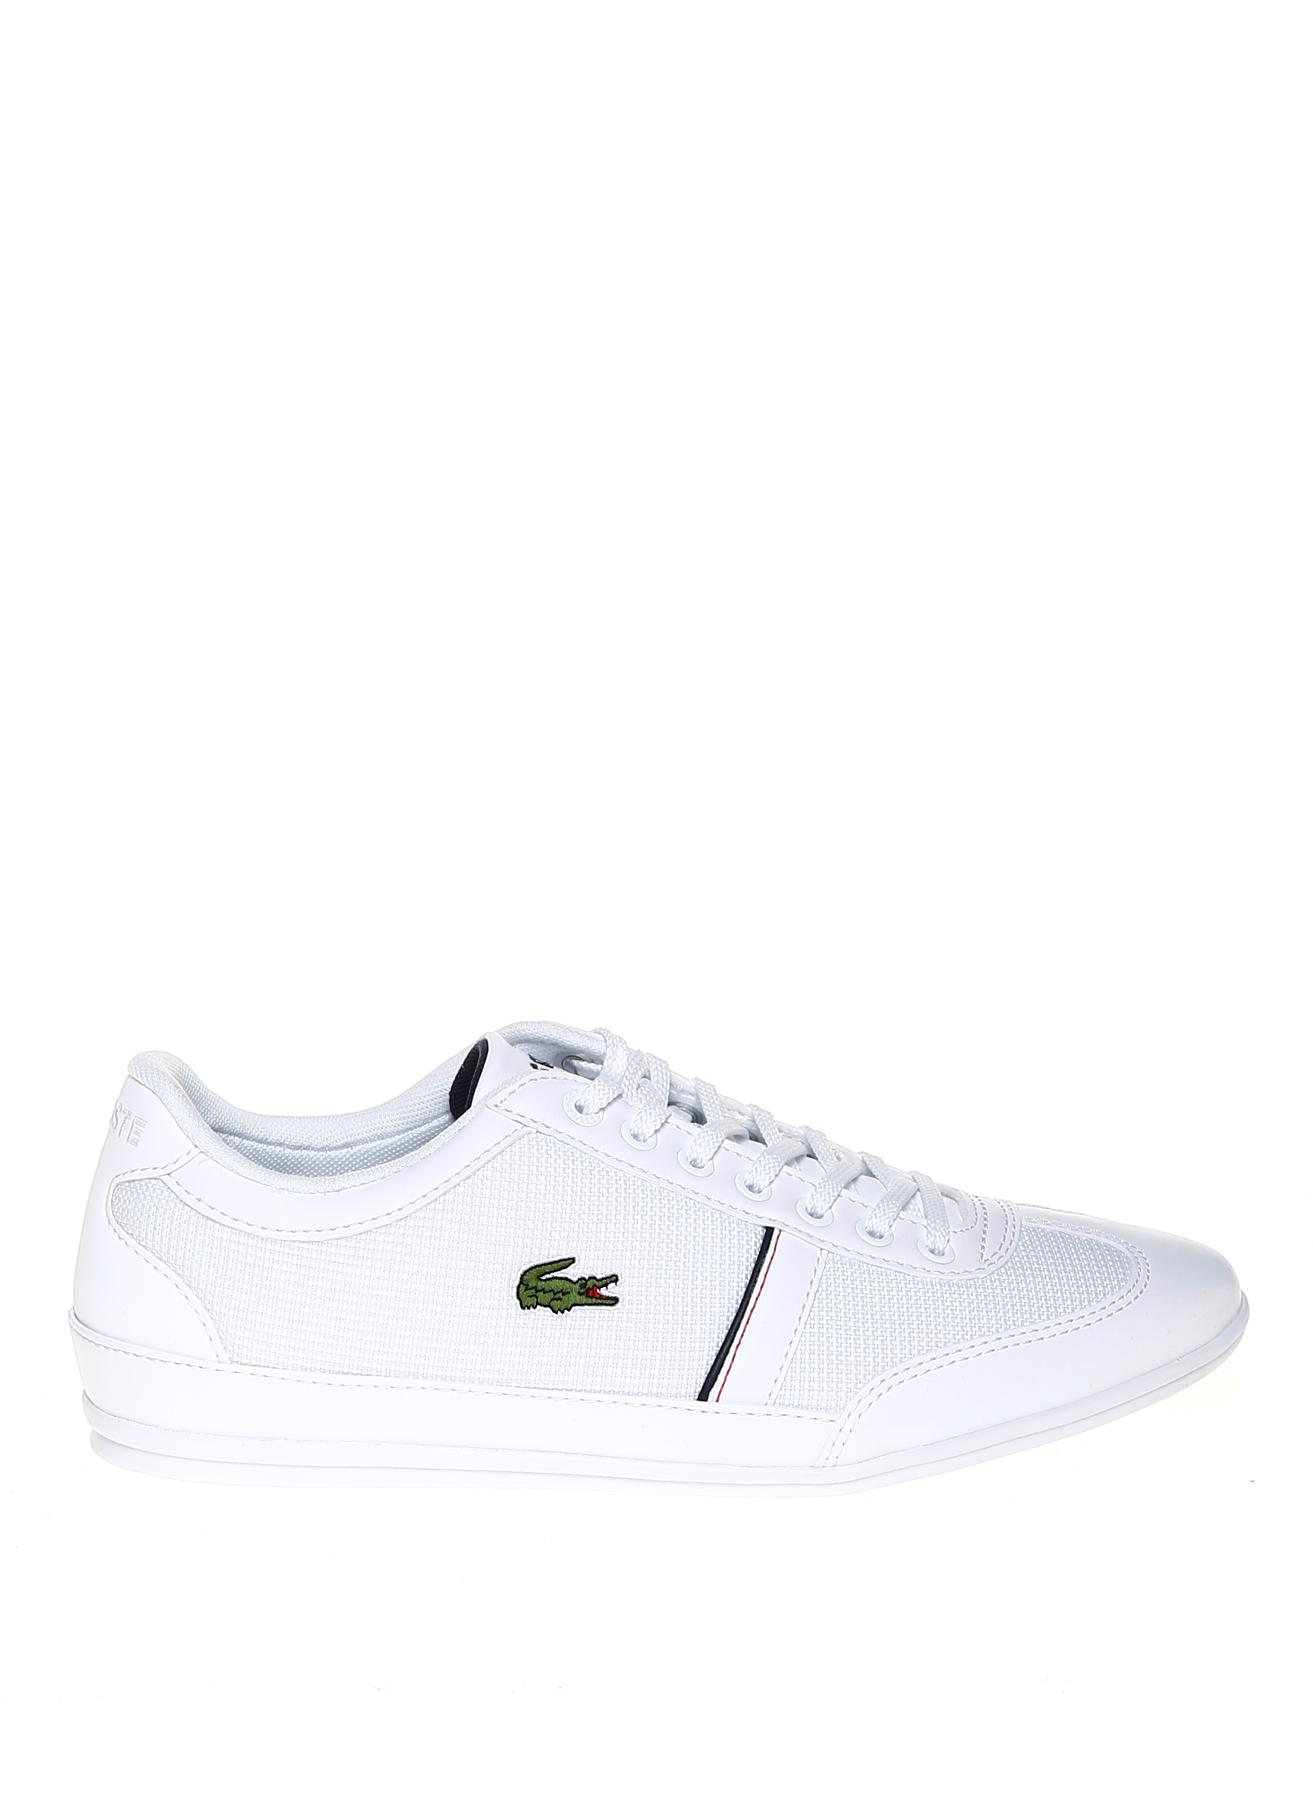 Lacoste Bağcıklı Beyaz Lifestyle Ayakkabı 41 5002314243003 Ürün Resmi